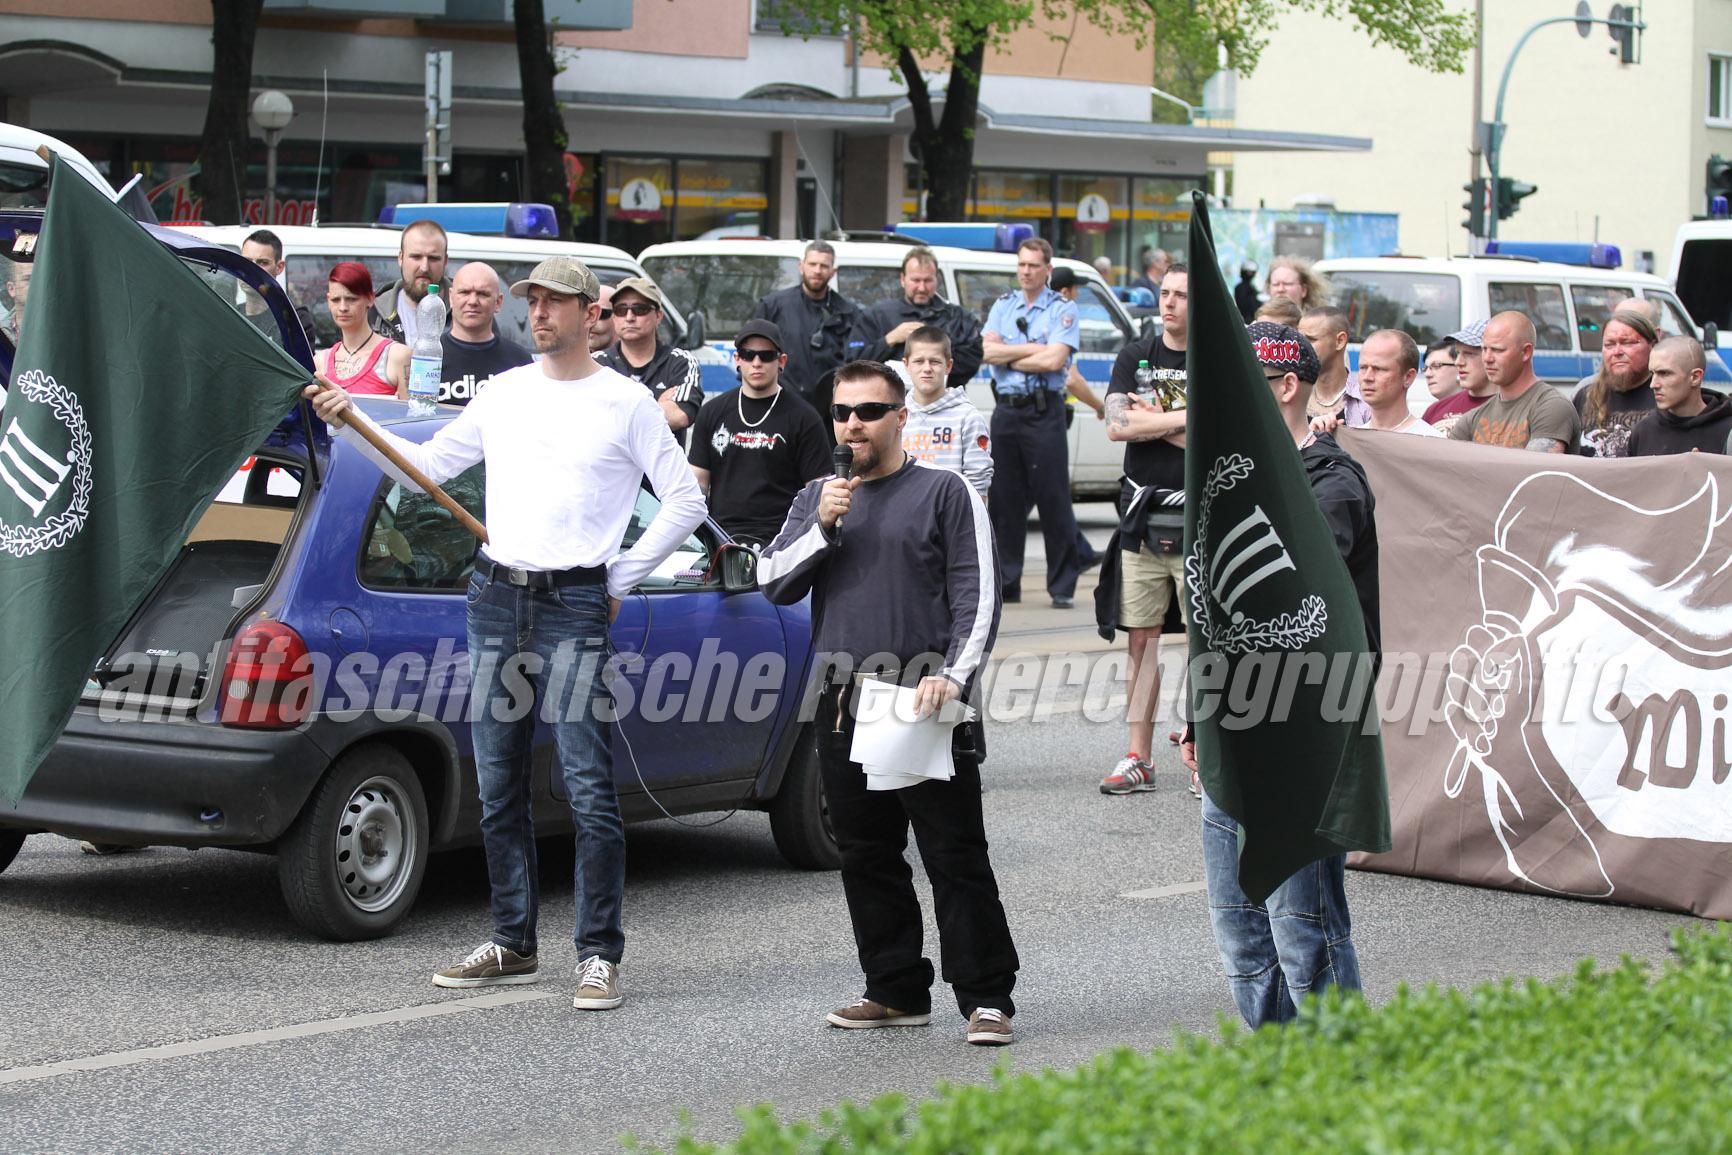 Pascal Stolle (links mit Fahne) und André Eminger (Mitte) (beide III. Weg) waren die einzigen beiden Redner bei der Demonstration. (Foto: pressedienst frankfurt (oder))